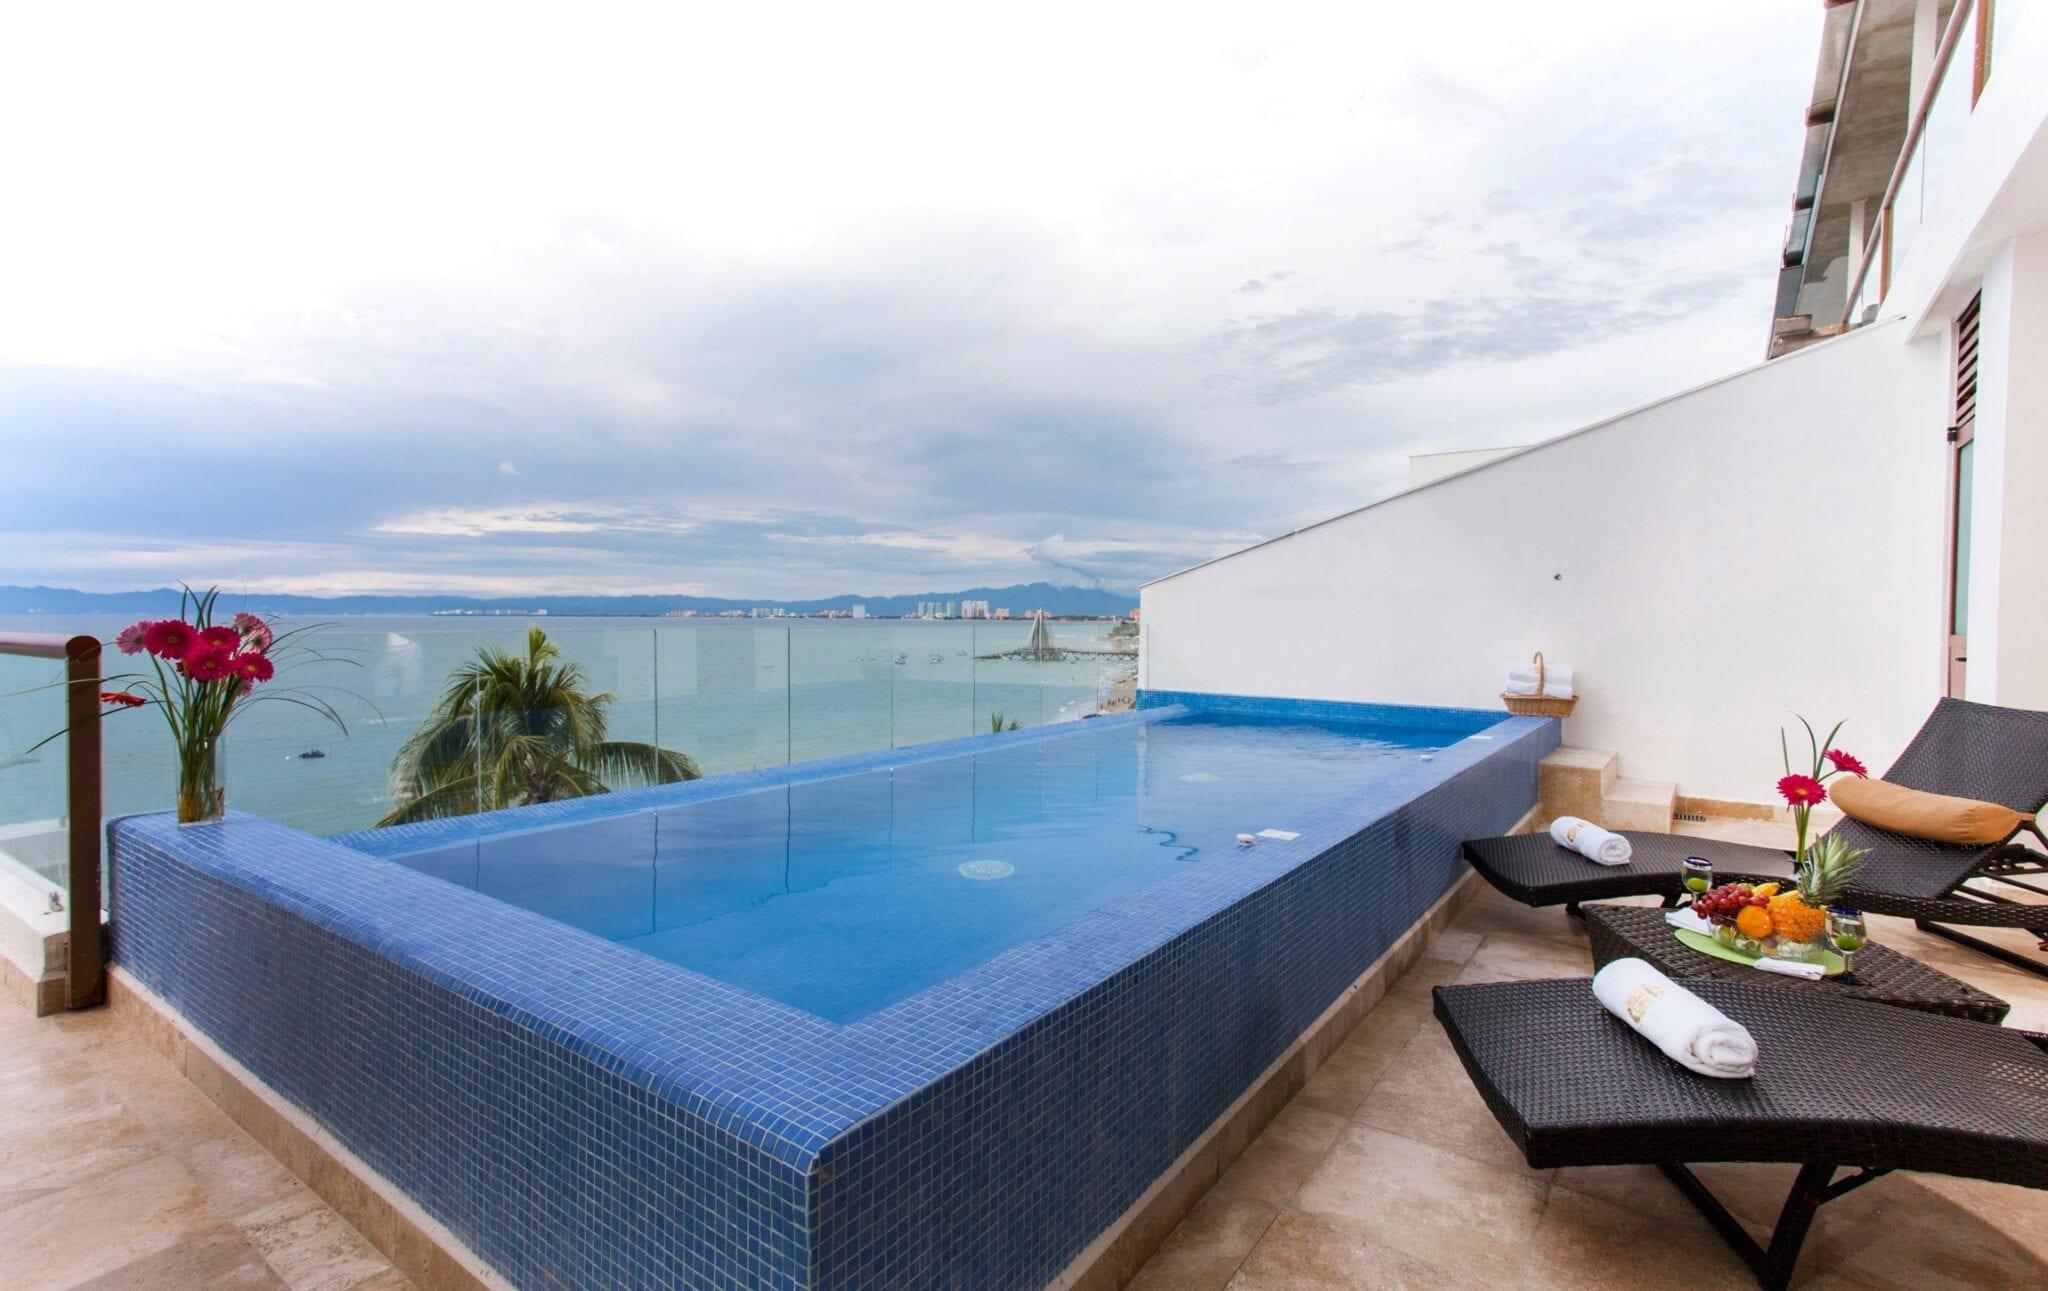 pv shores sky suite f